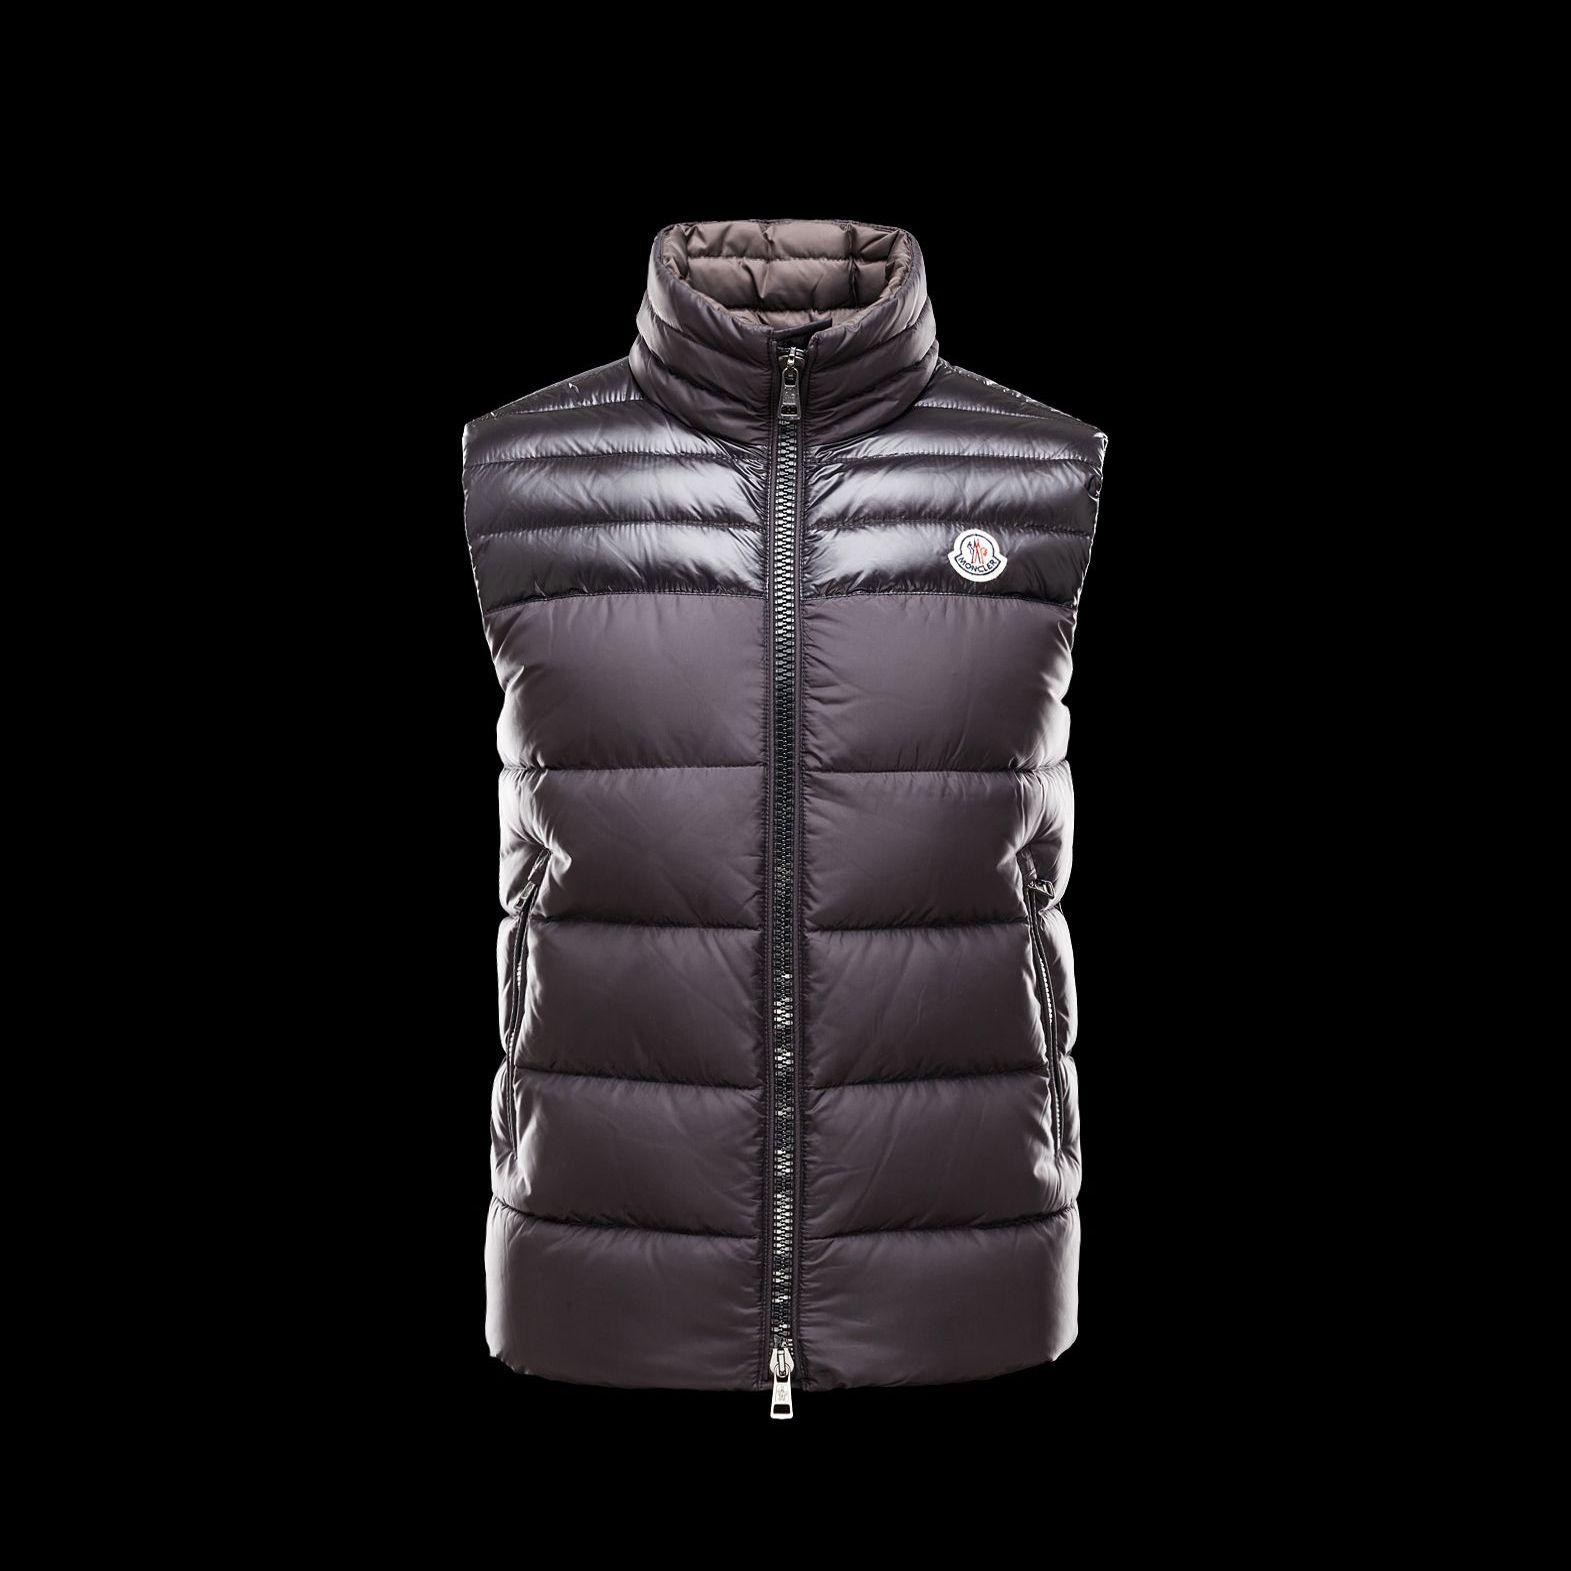 Moncler Men Vest Moncler, Moncler jacket, Mens vest